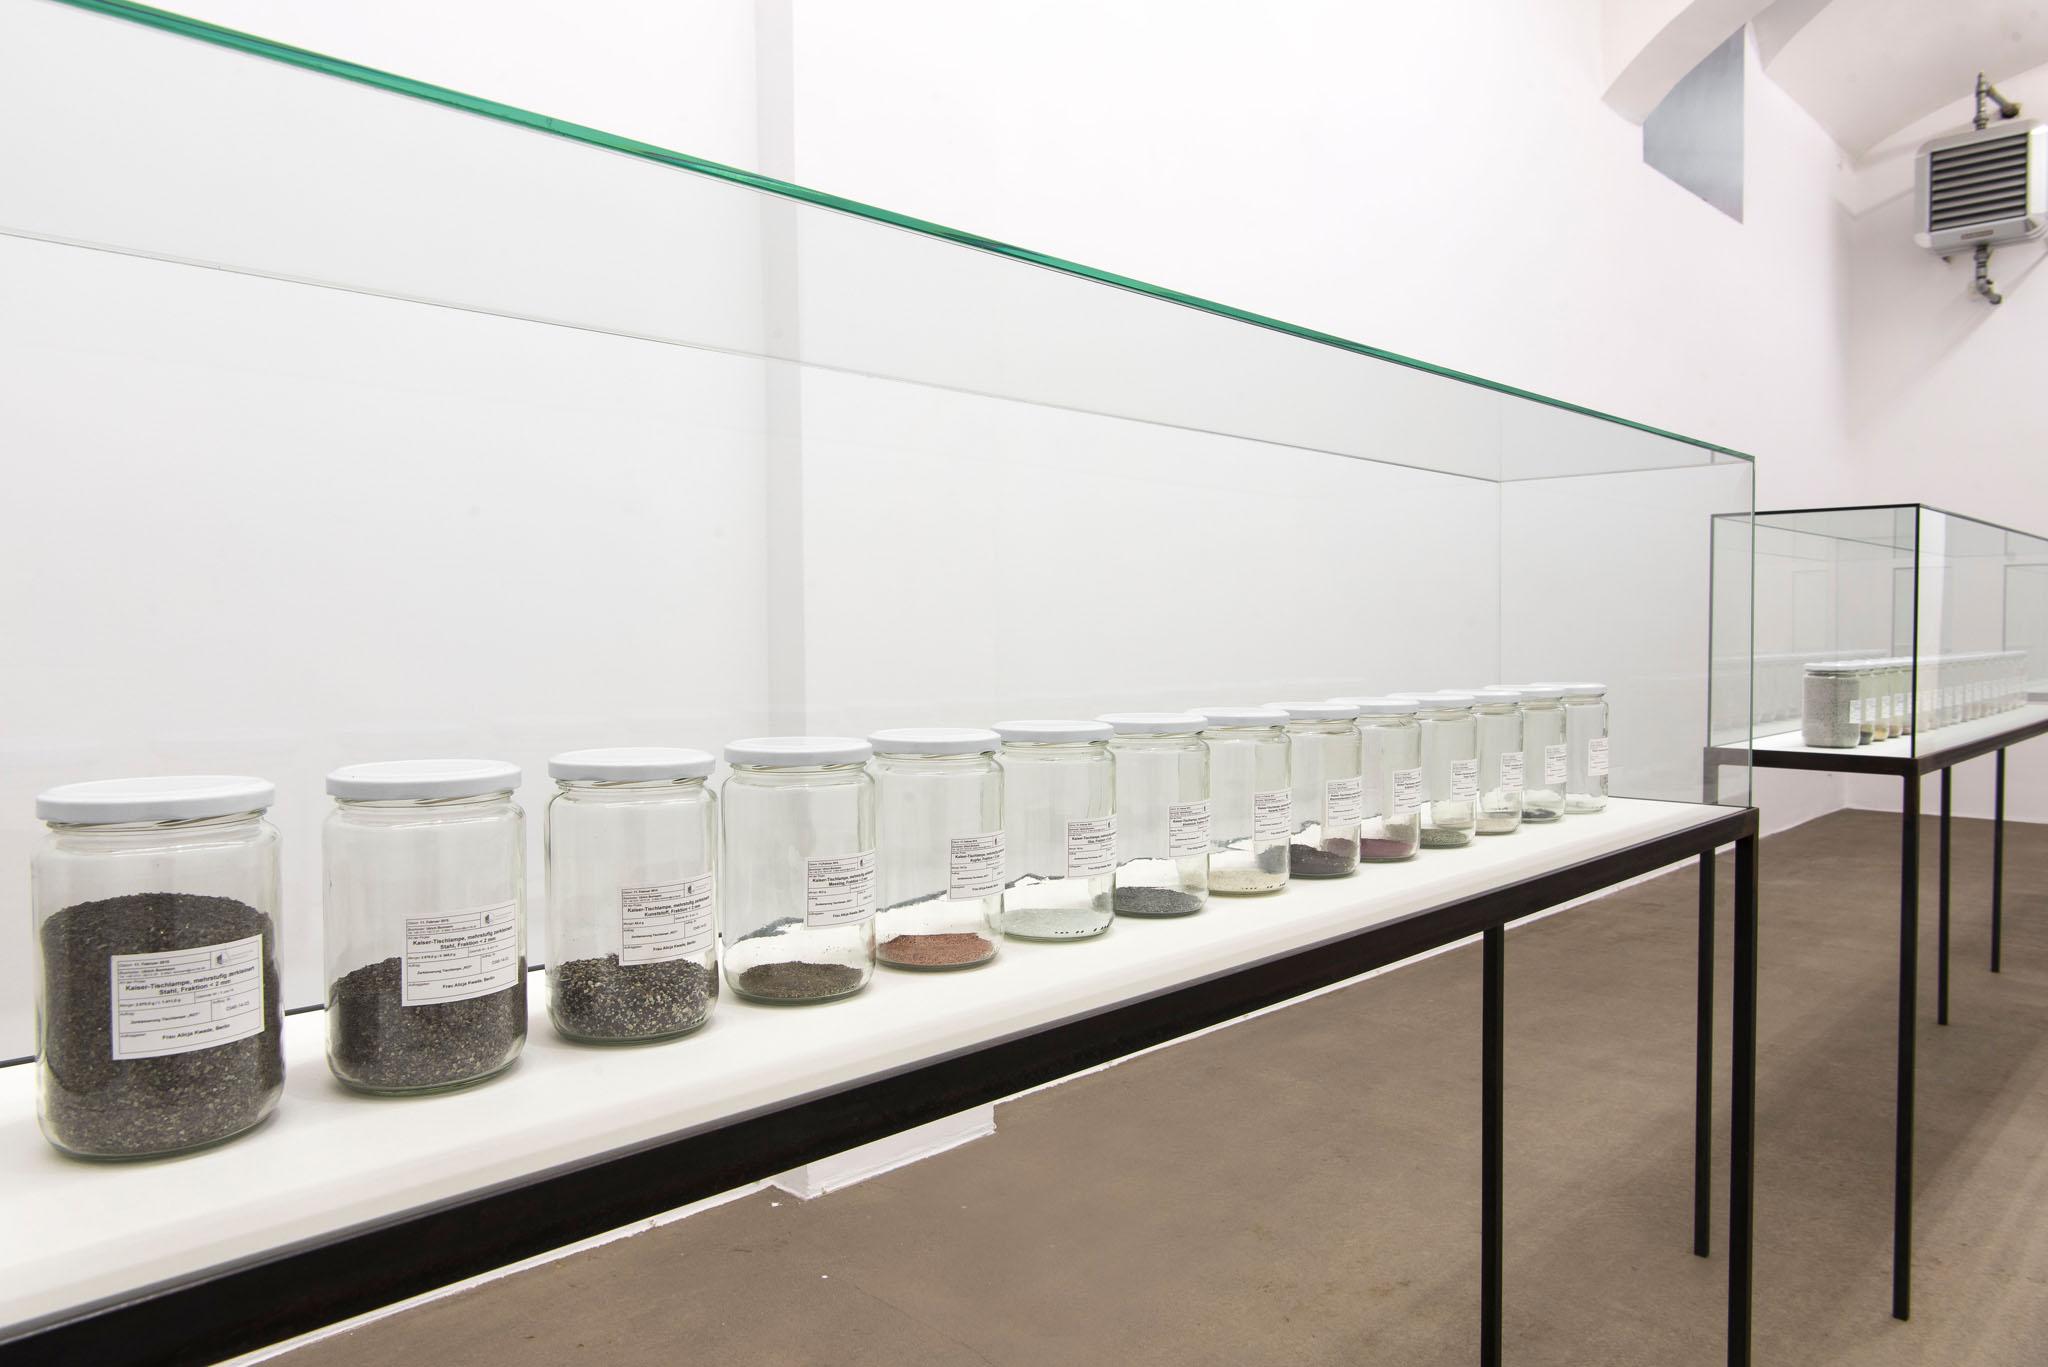 MATERIA, PER ORA Radio (Alicja R-603), 2014; plastica 367.5 g, ferro 325.7 g, ottone 29.4 g, resina fenolica 28.5 g, rame 26.5 g, alluminio 20.9 g, zinco 14.5 g, silicone 12.4 g, stagno 10.8 g, magnete 9.5 g, ceramica 0.6 g, vetro 0.2 g, 17 barattoli, vetrine; foto Giorgio Benni